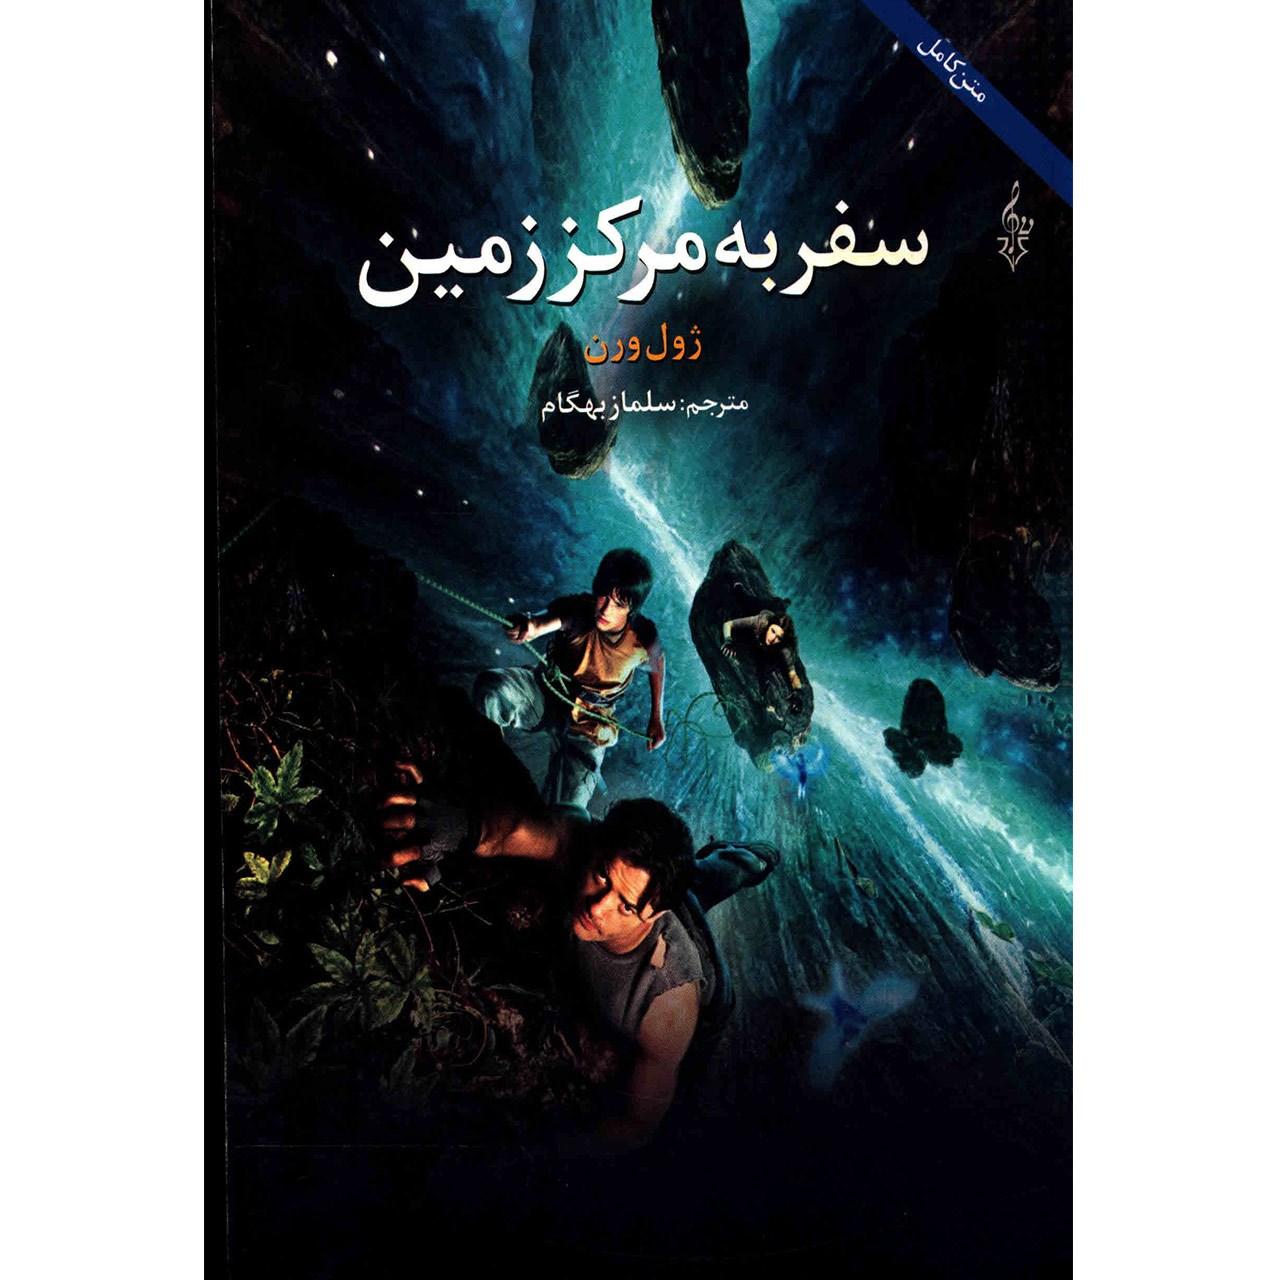 خرید                      کتاب سفر به مرکز زمین اثر ژول ورن